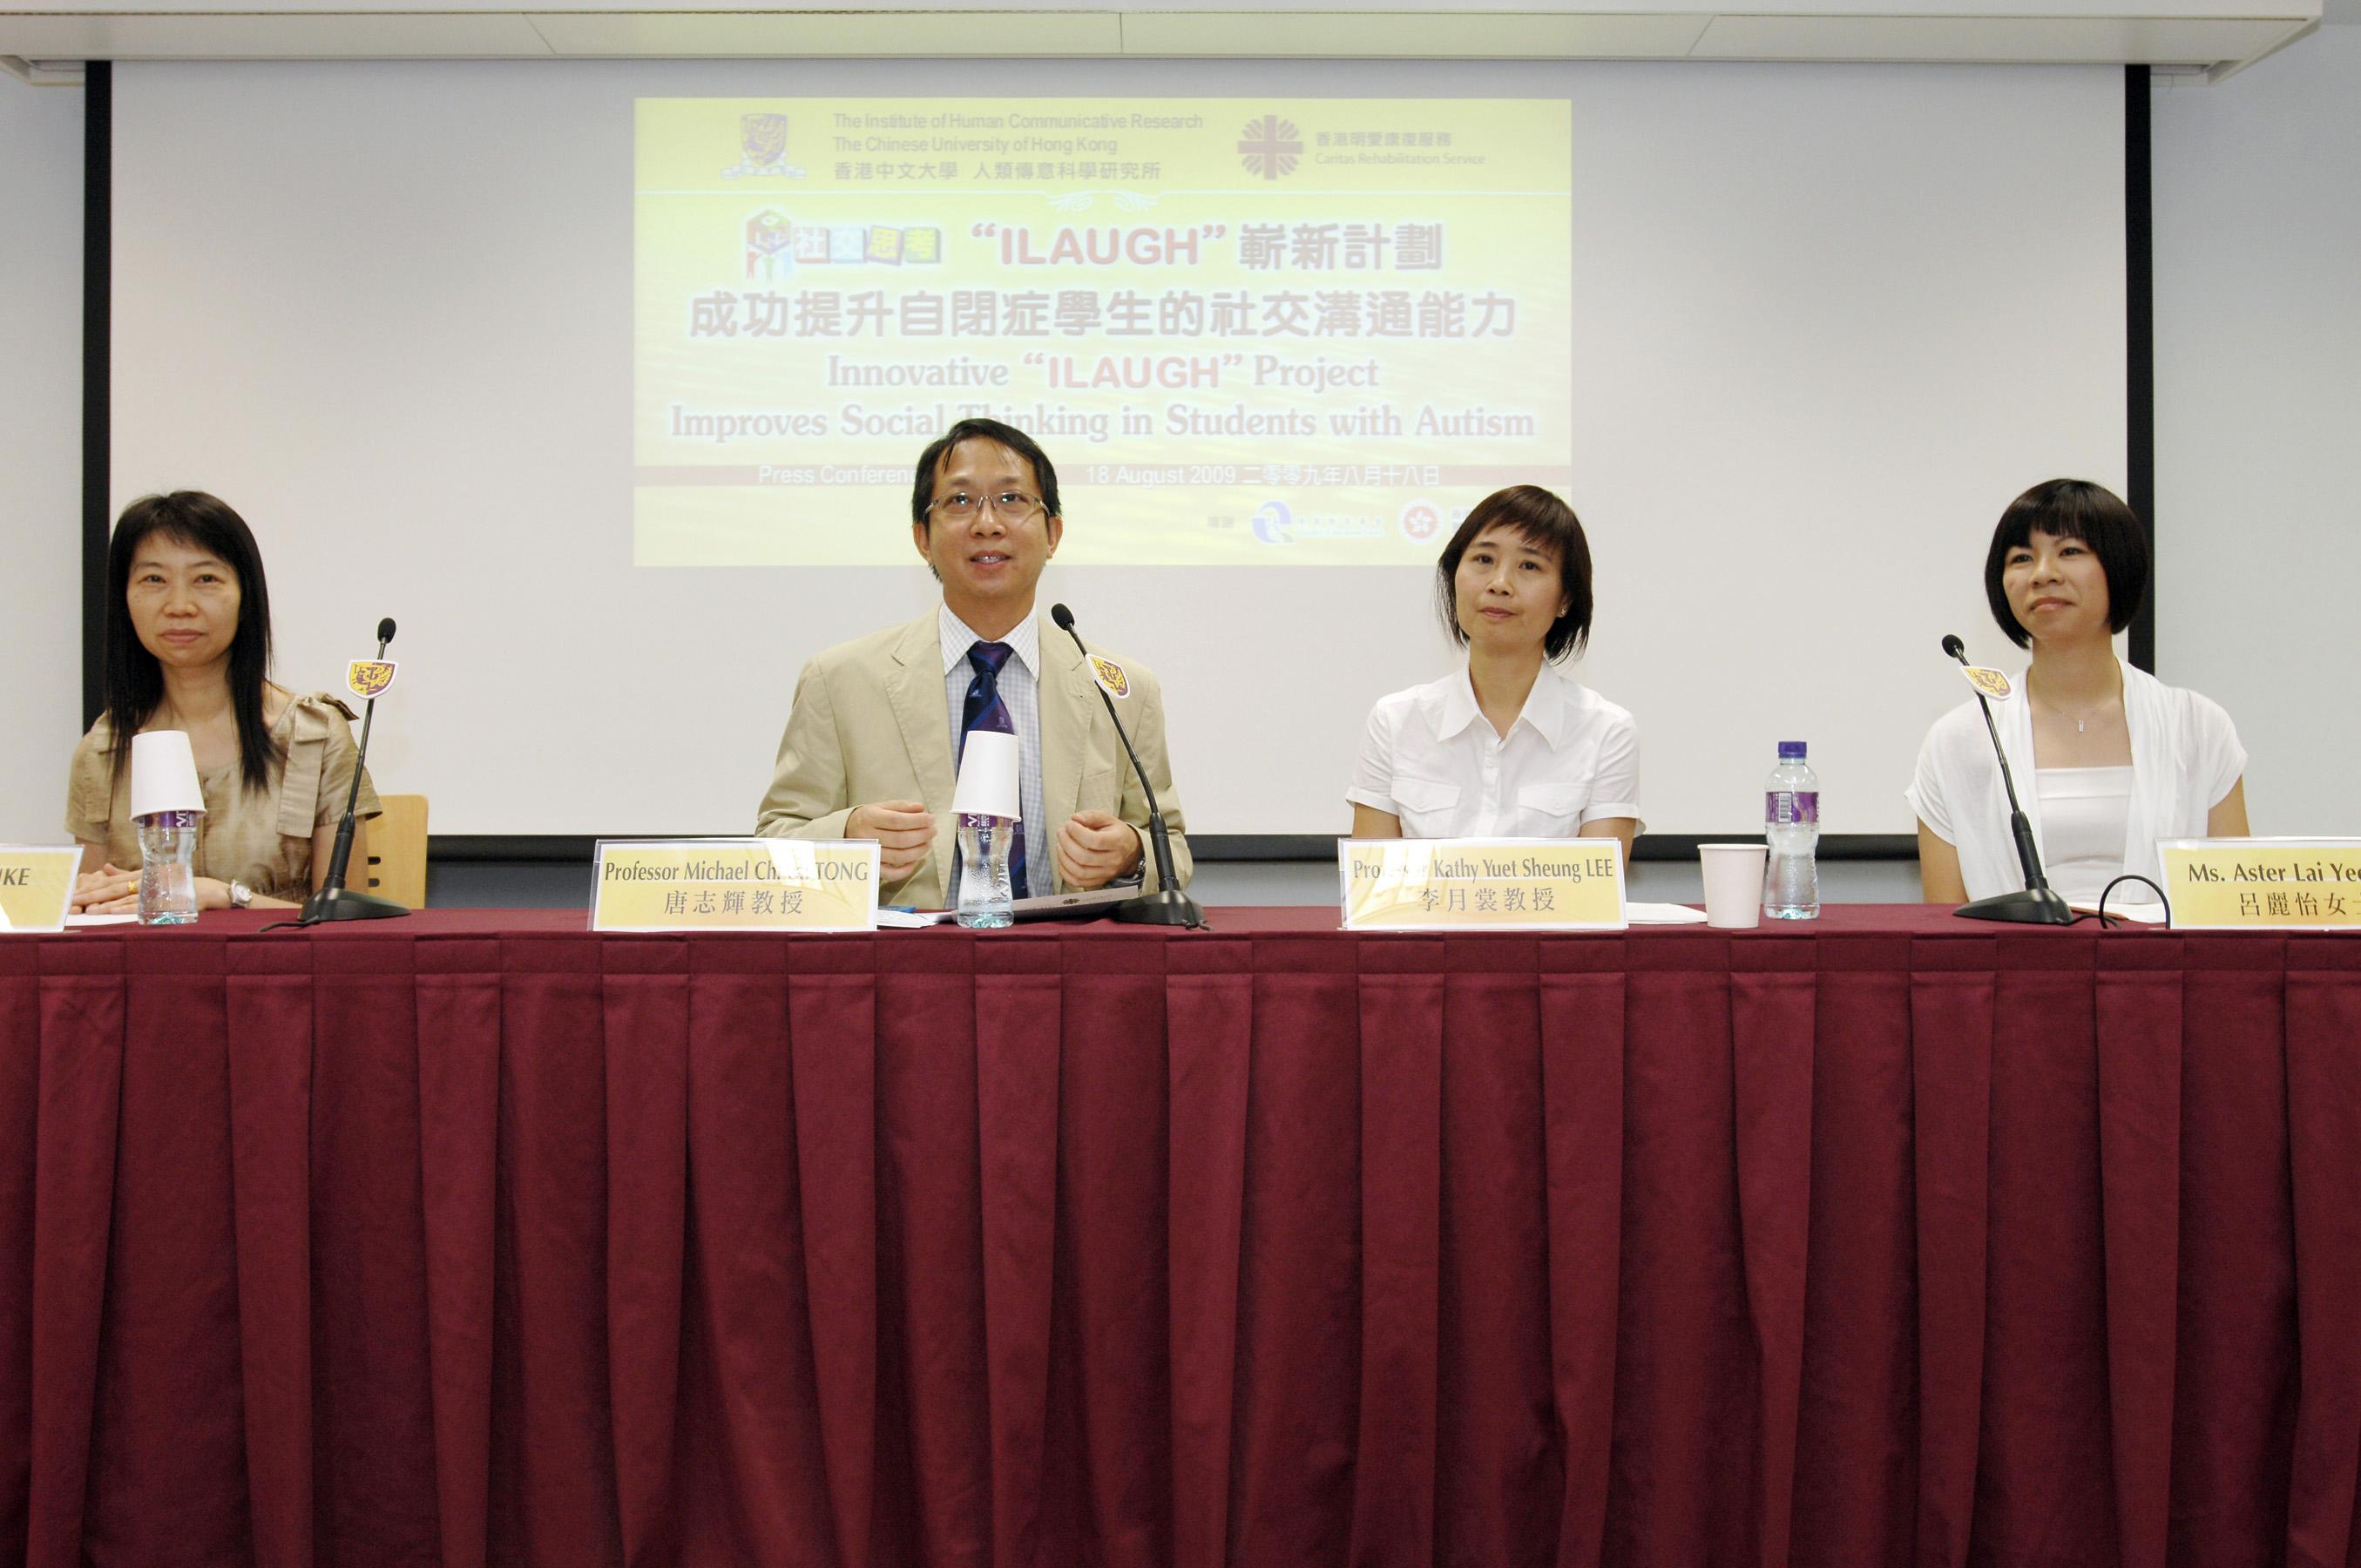 (左起) 香港明愛康復服務中心主任陸潔玲女士、中大人類傳意科學研究所副所長唐志輝教授、助理所長李月裳教授及言語治療師呂麗怡女士